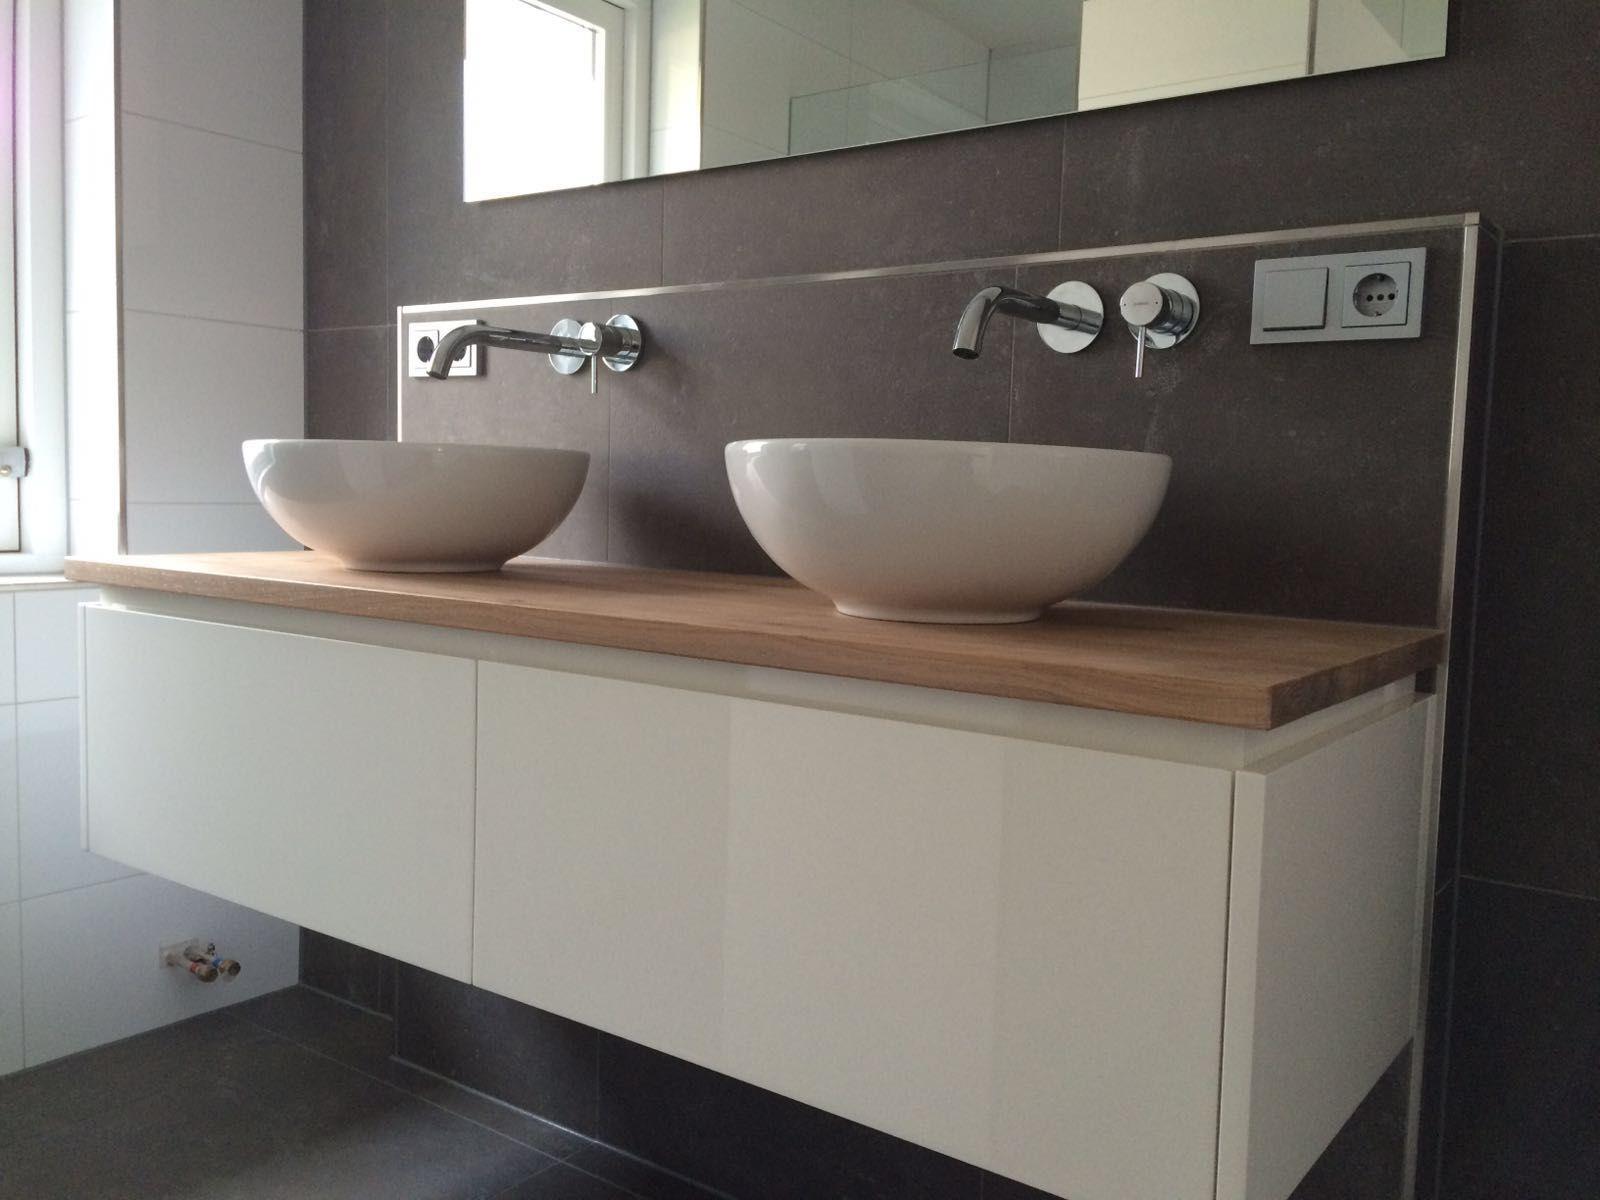 Badkamermeubel dubbele wasbak minimalistische nlfunvit badkamer